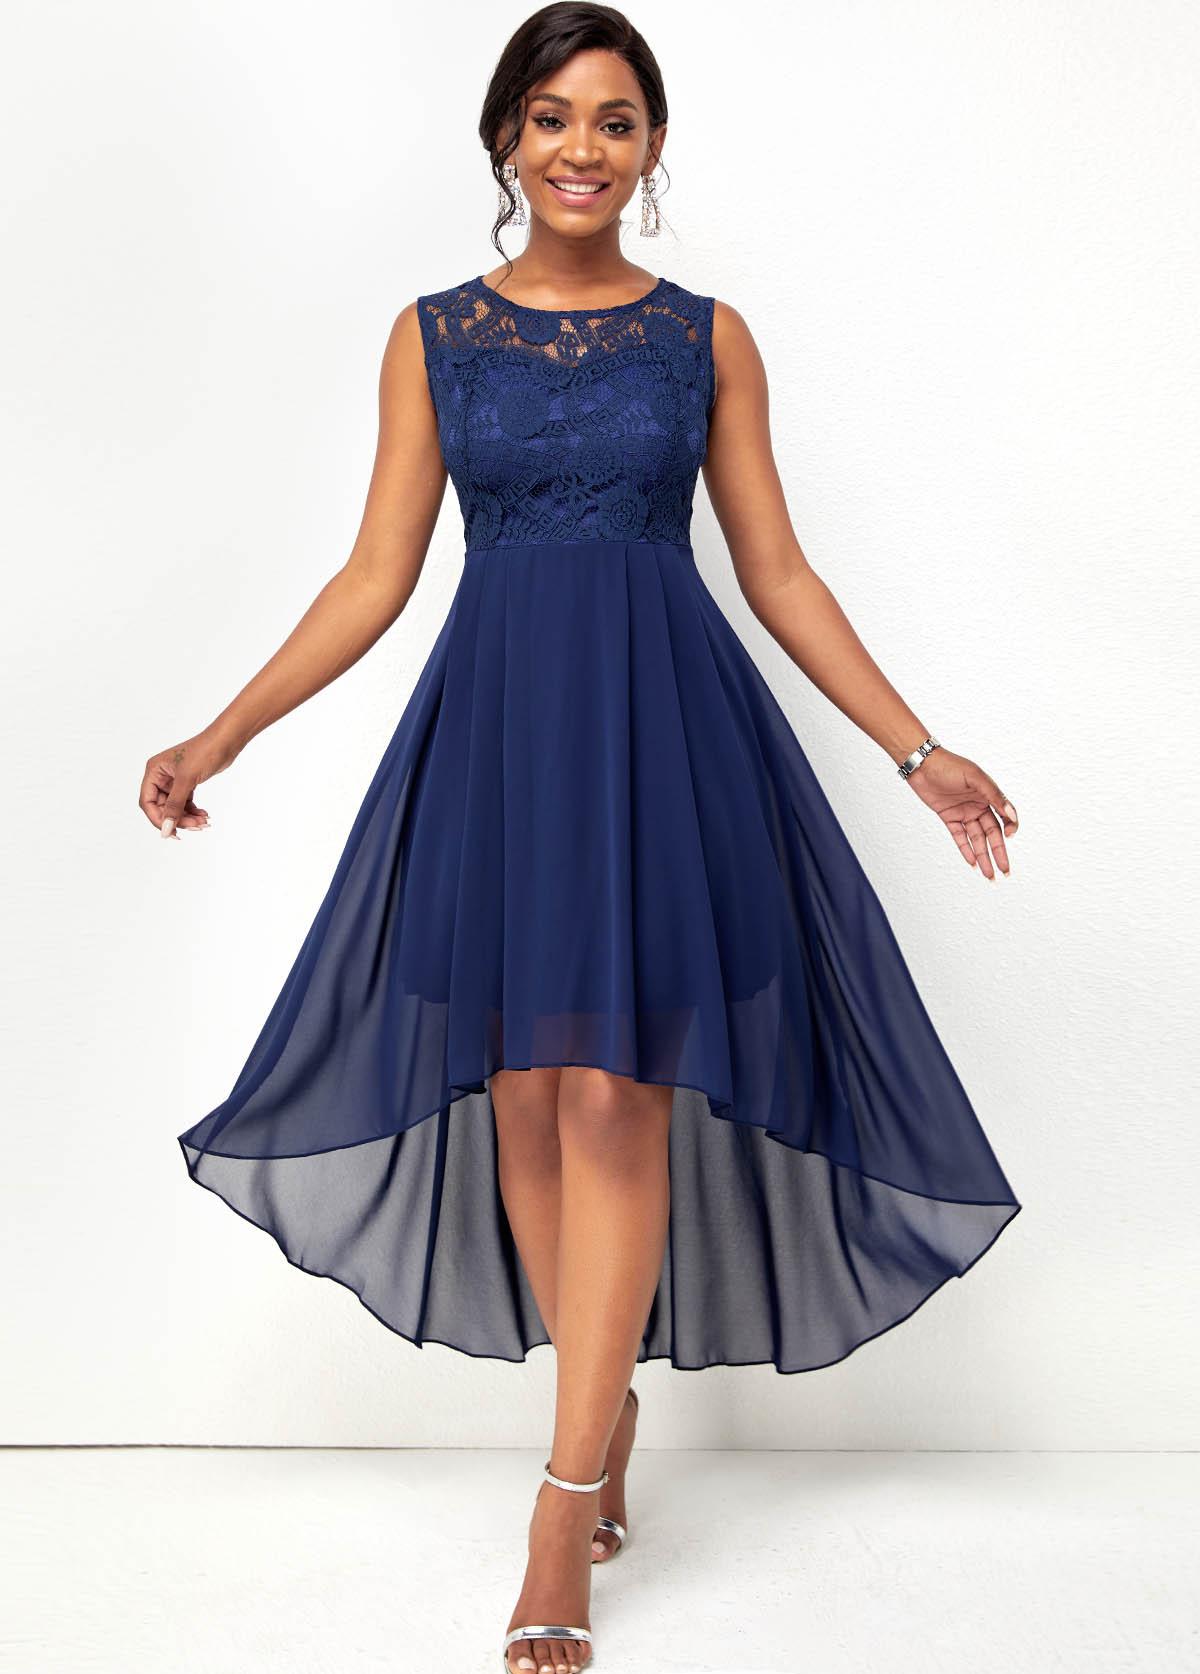 Lace Stitching Chiffon Sleeveless High Low Dress